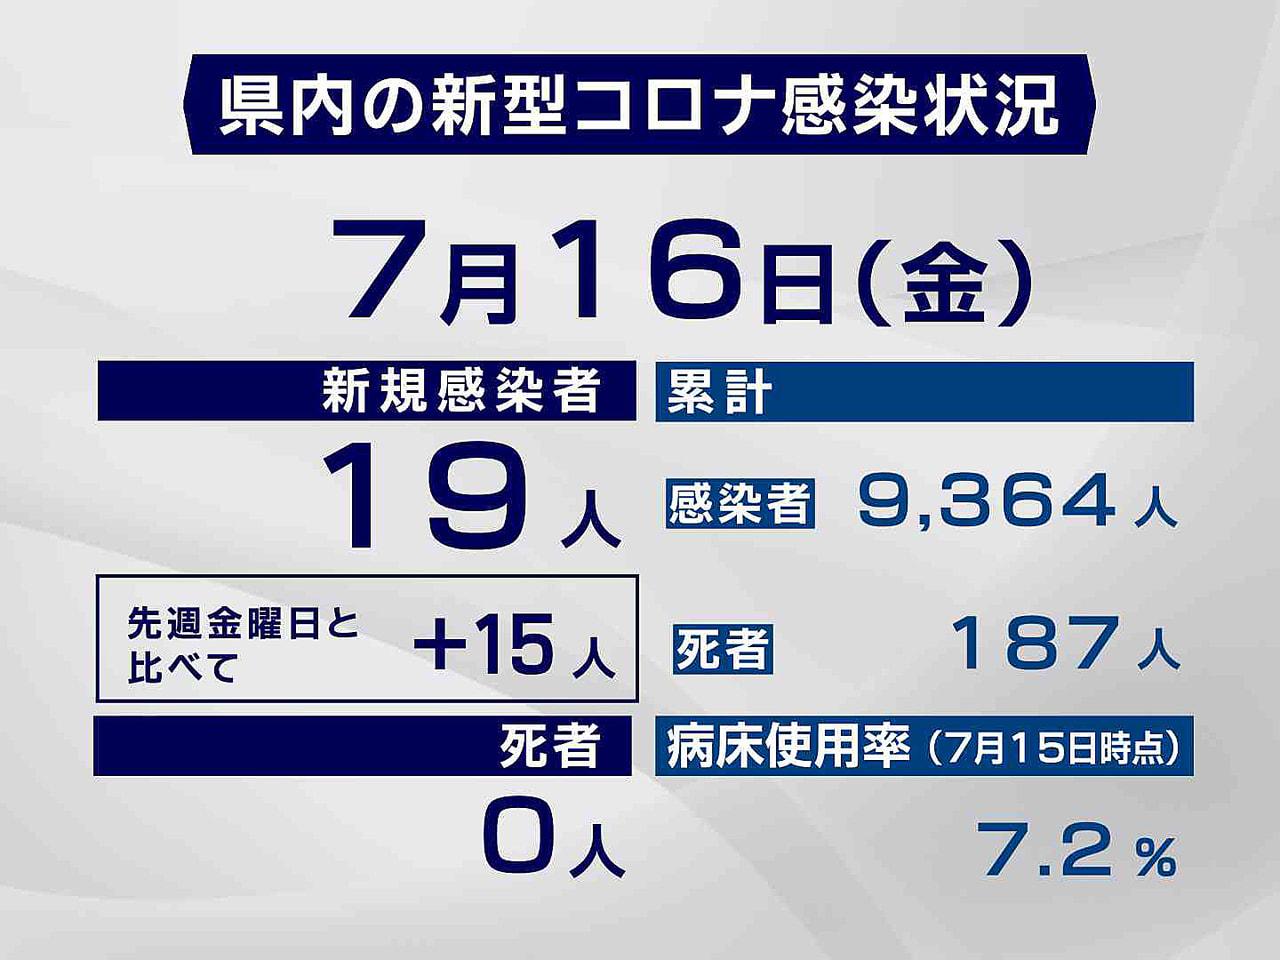 岐阜県と岐阜市は16日、新型コロナウイルスの感染者が新たに19人確認されたと発表...